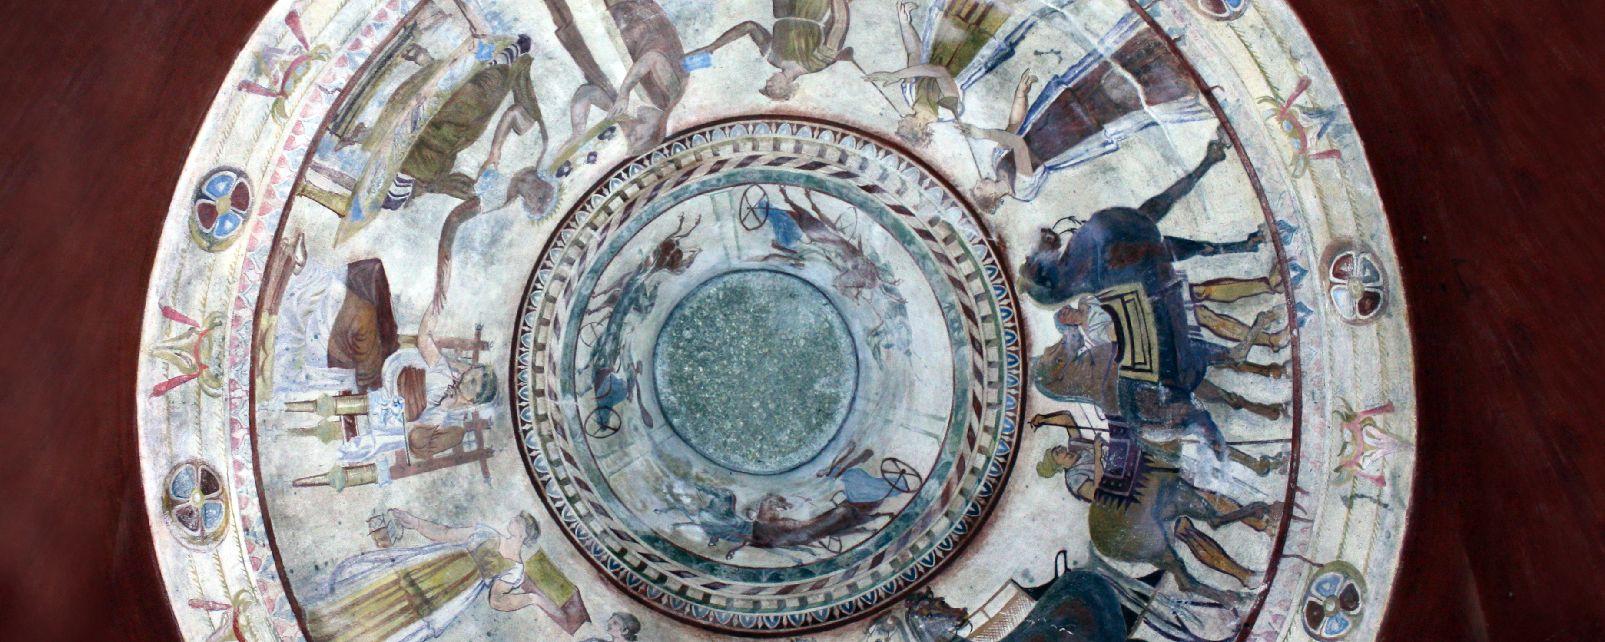 La tombe thrace de Kazanlak , Bulgarie